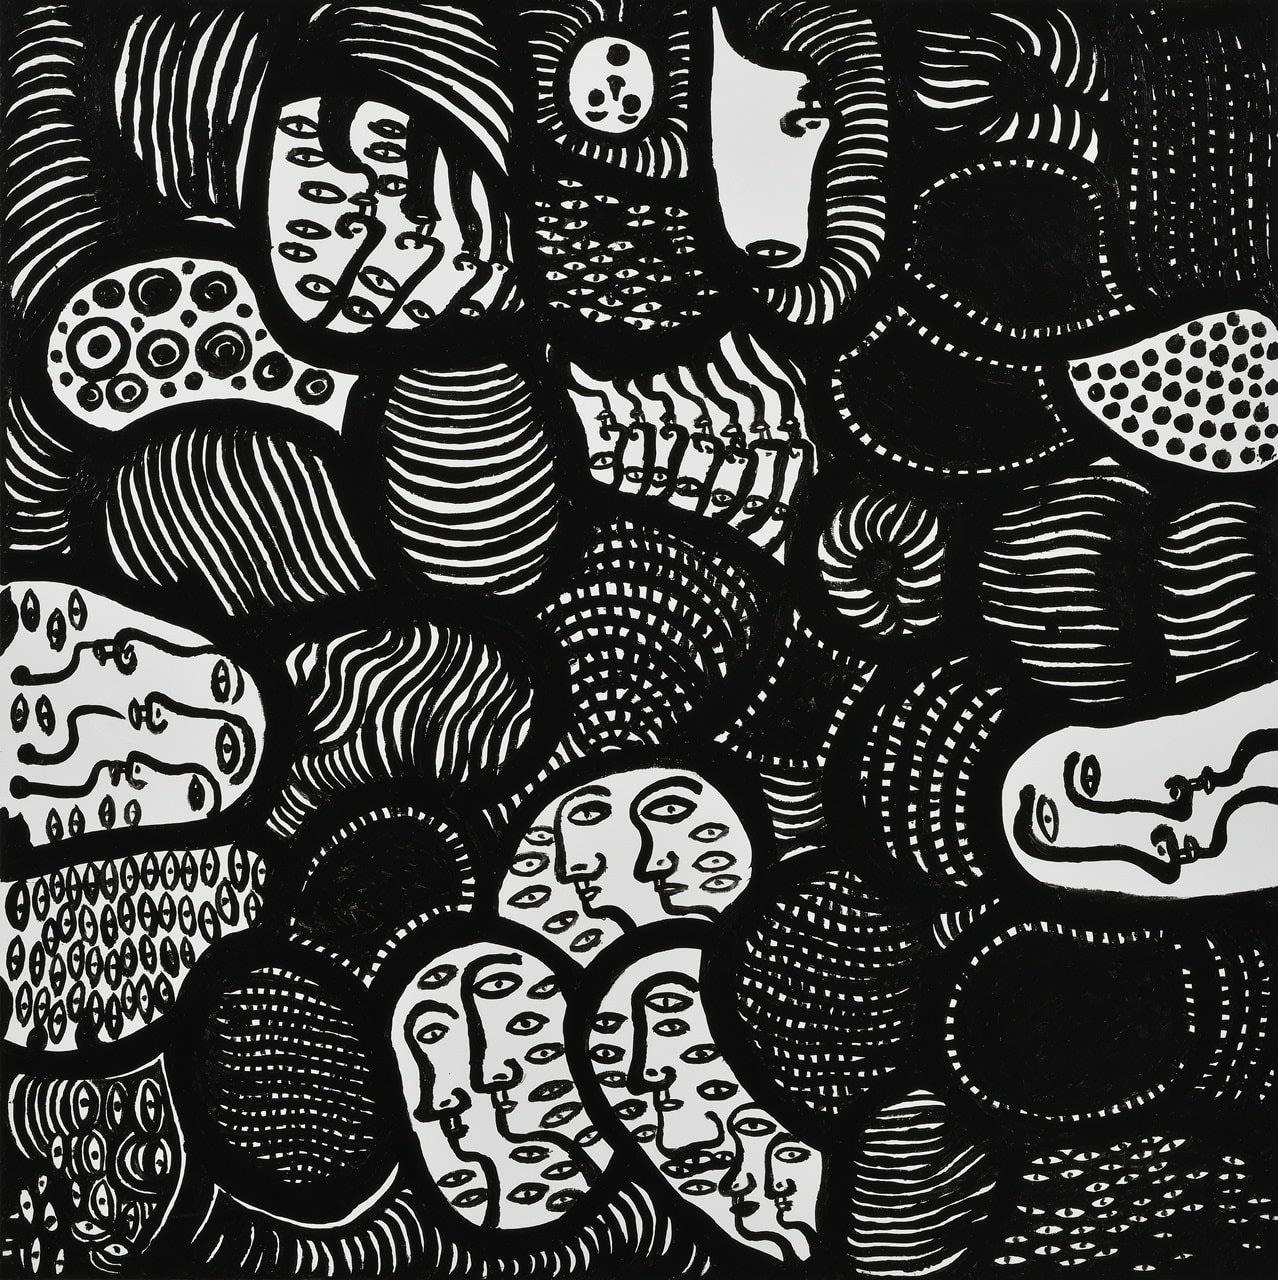 YAYOI KUSAMA YOUTH HAS ARRIVED, 2019 Acrylic on canvas 100 x 100 cm